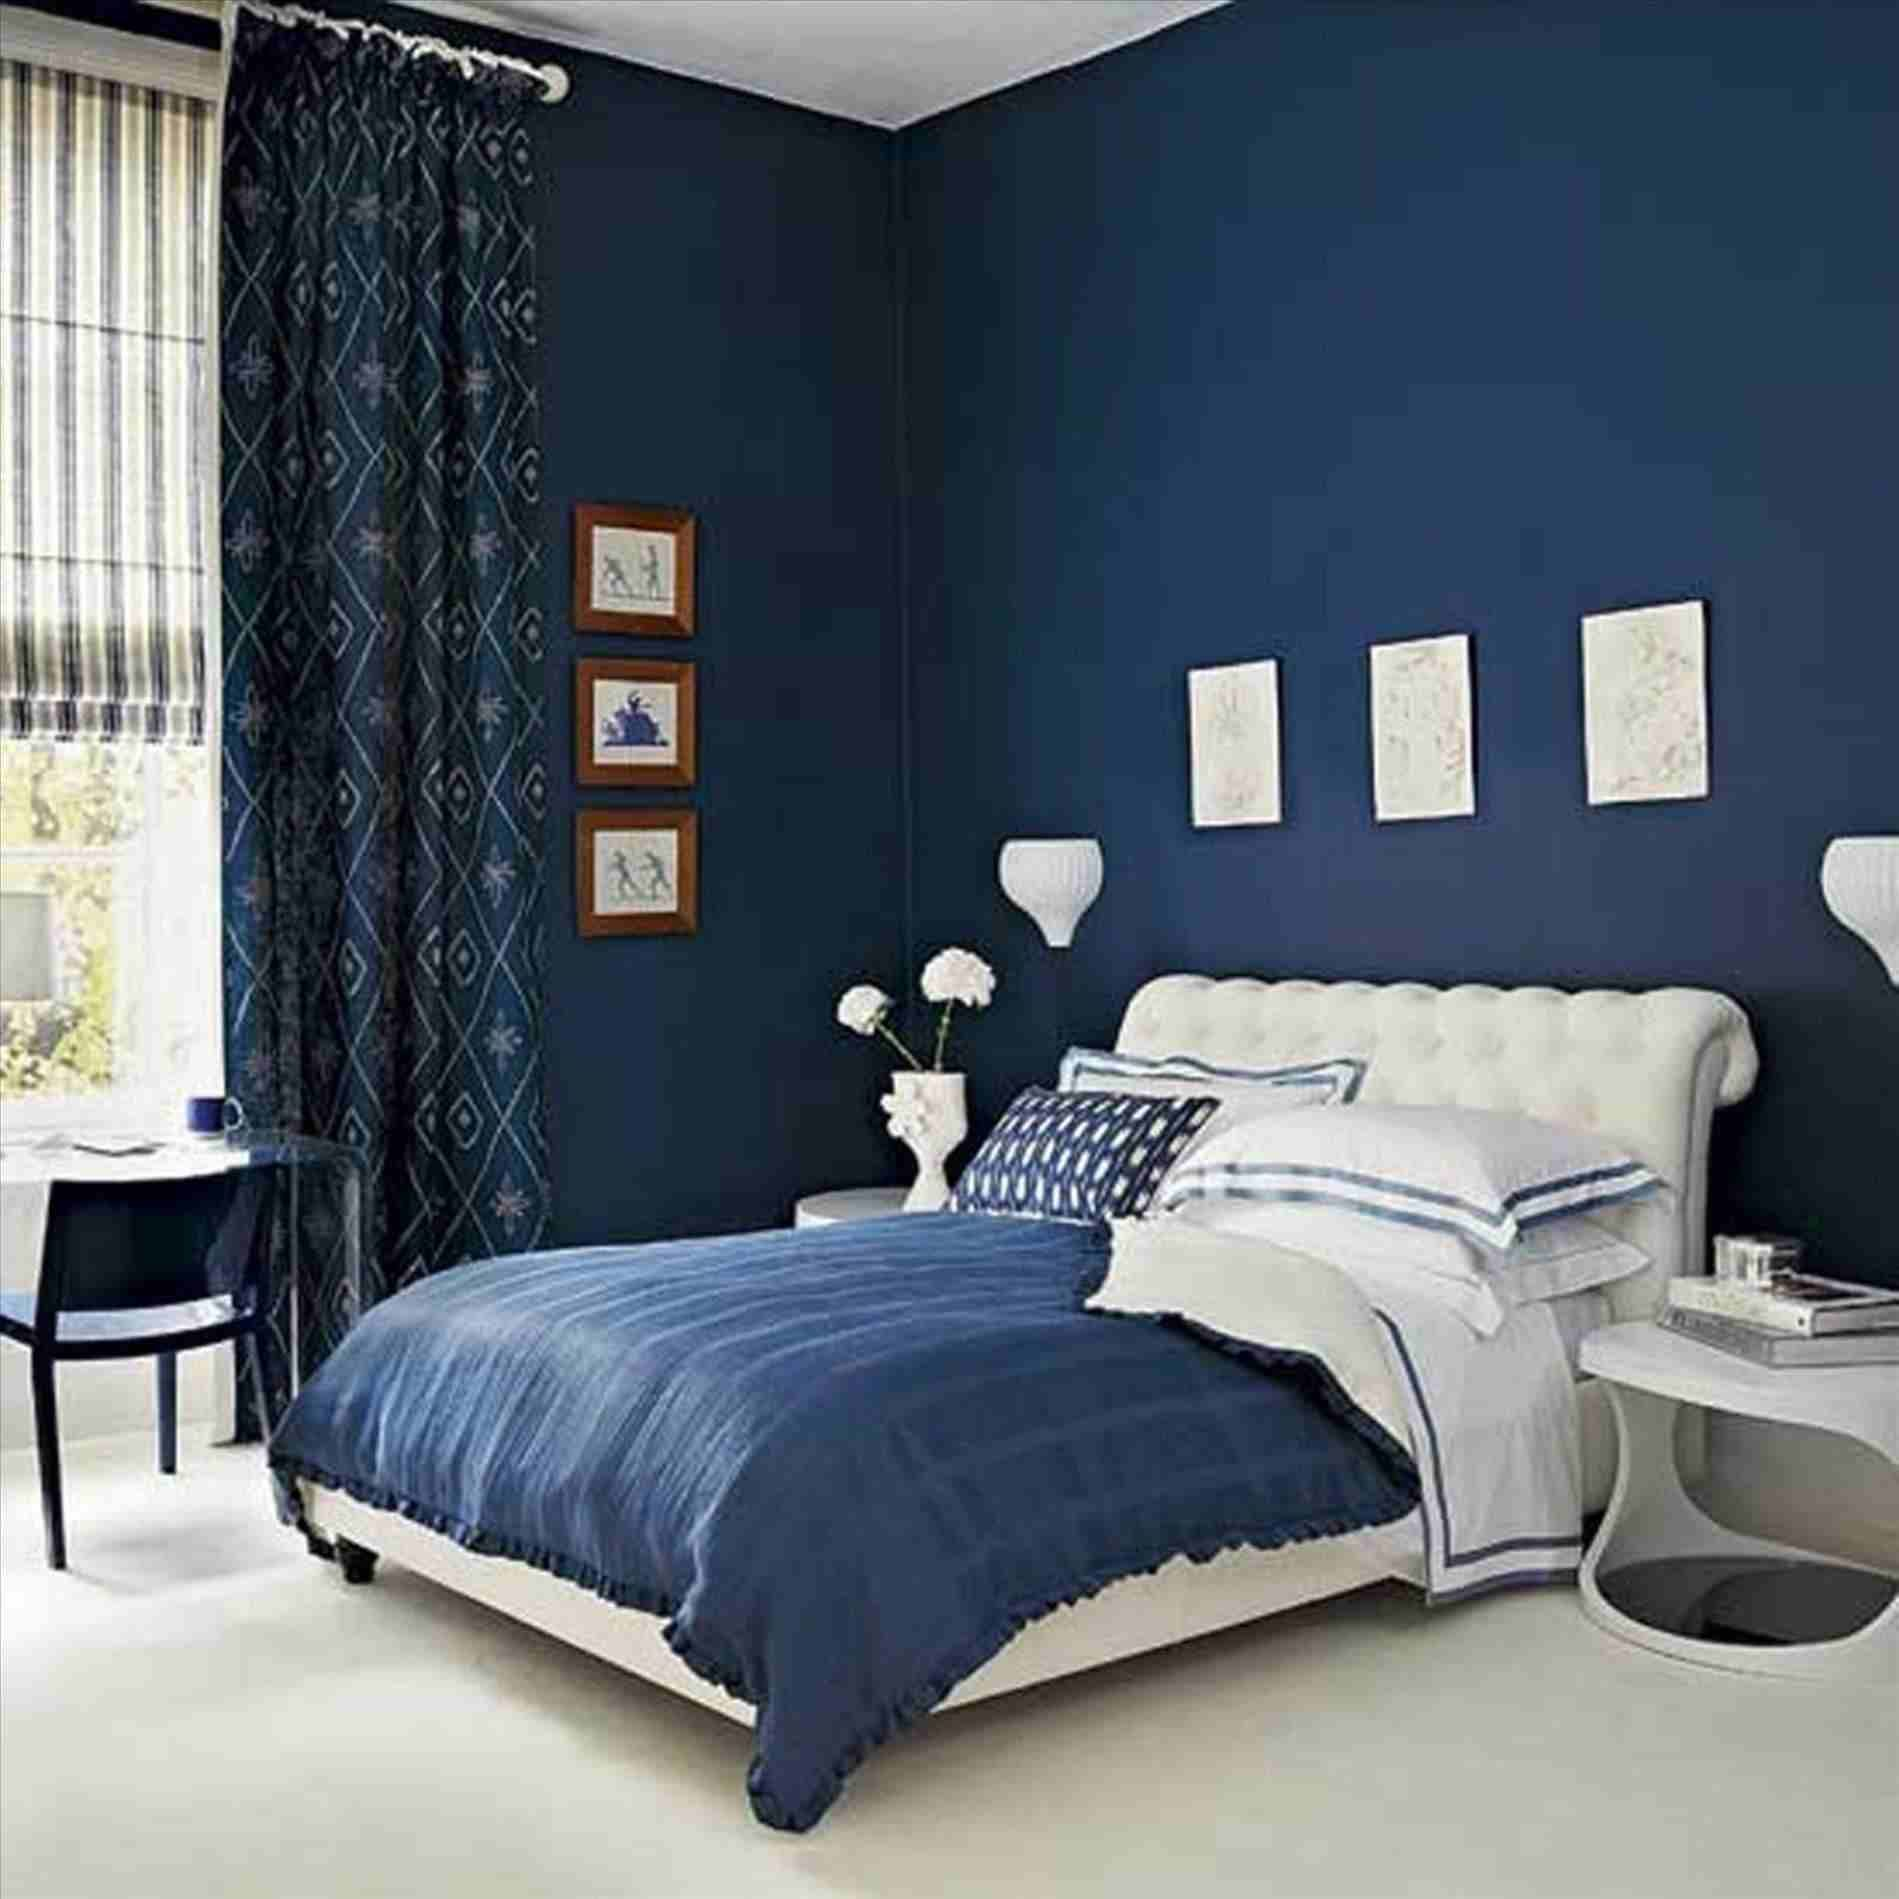 Bedroom Color Blue Blue Bedroom Design Blue Master Bedroom